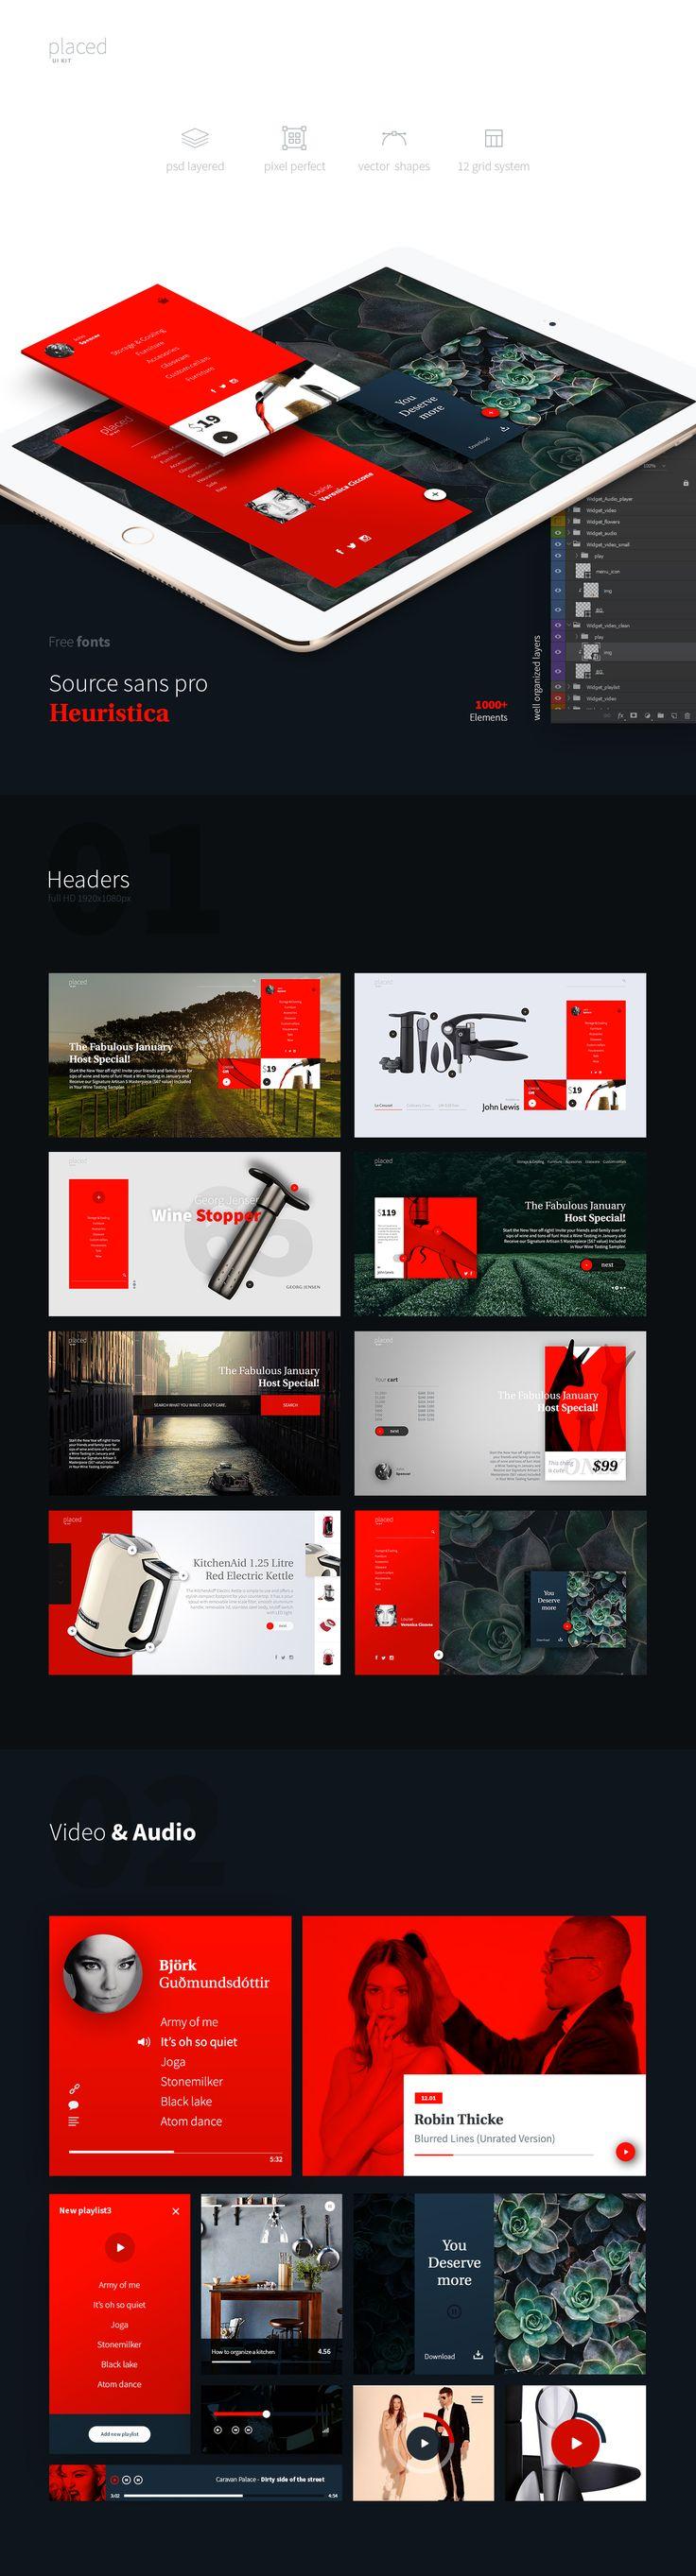 Die 138 besten Bilder zu GUI Design auf Pinterest | Design ...